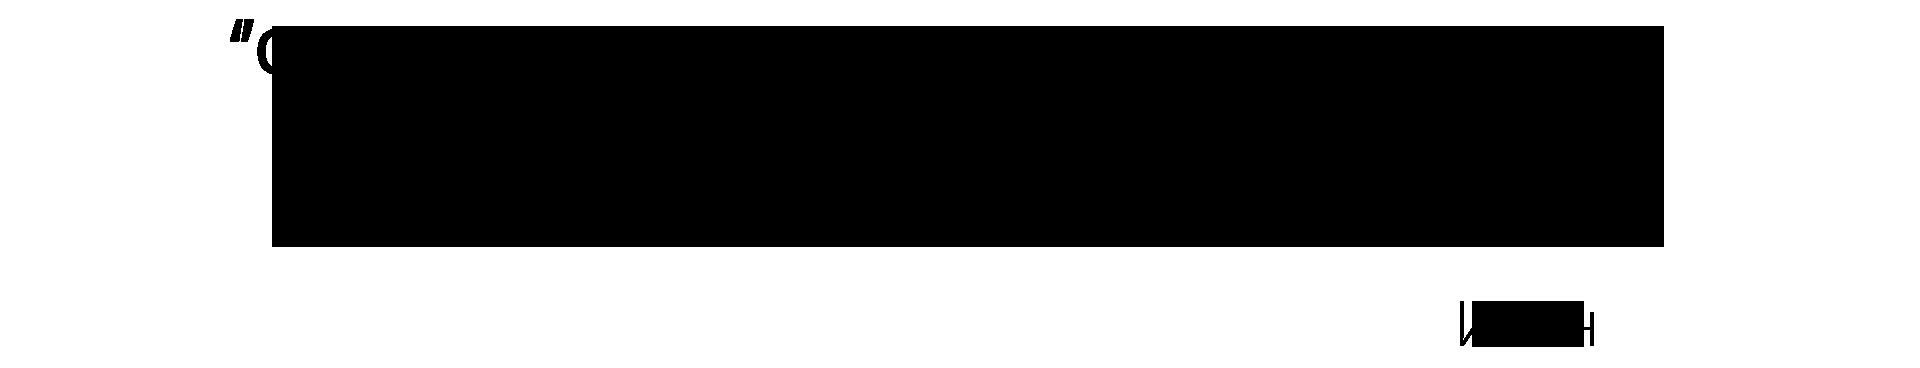 Слайд Обратной связи 3